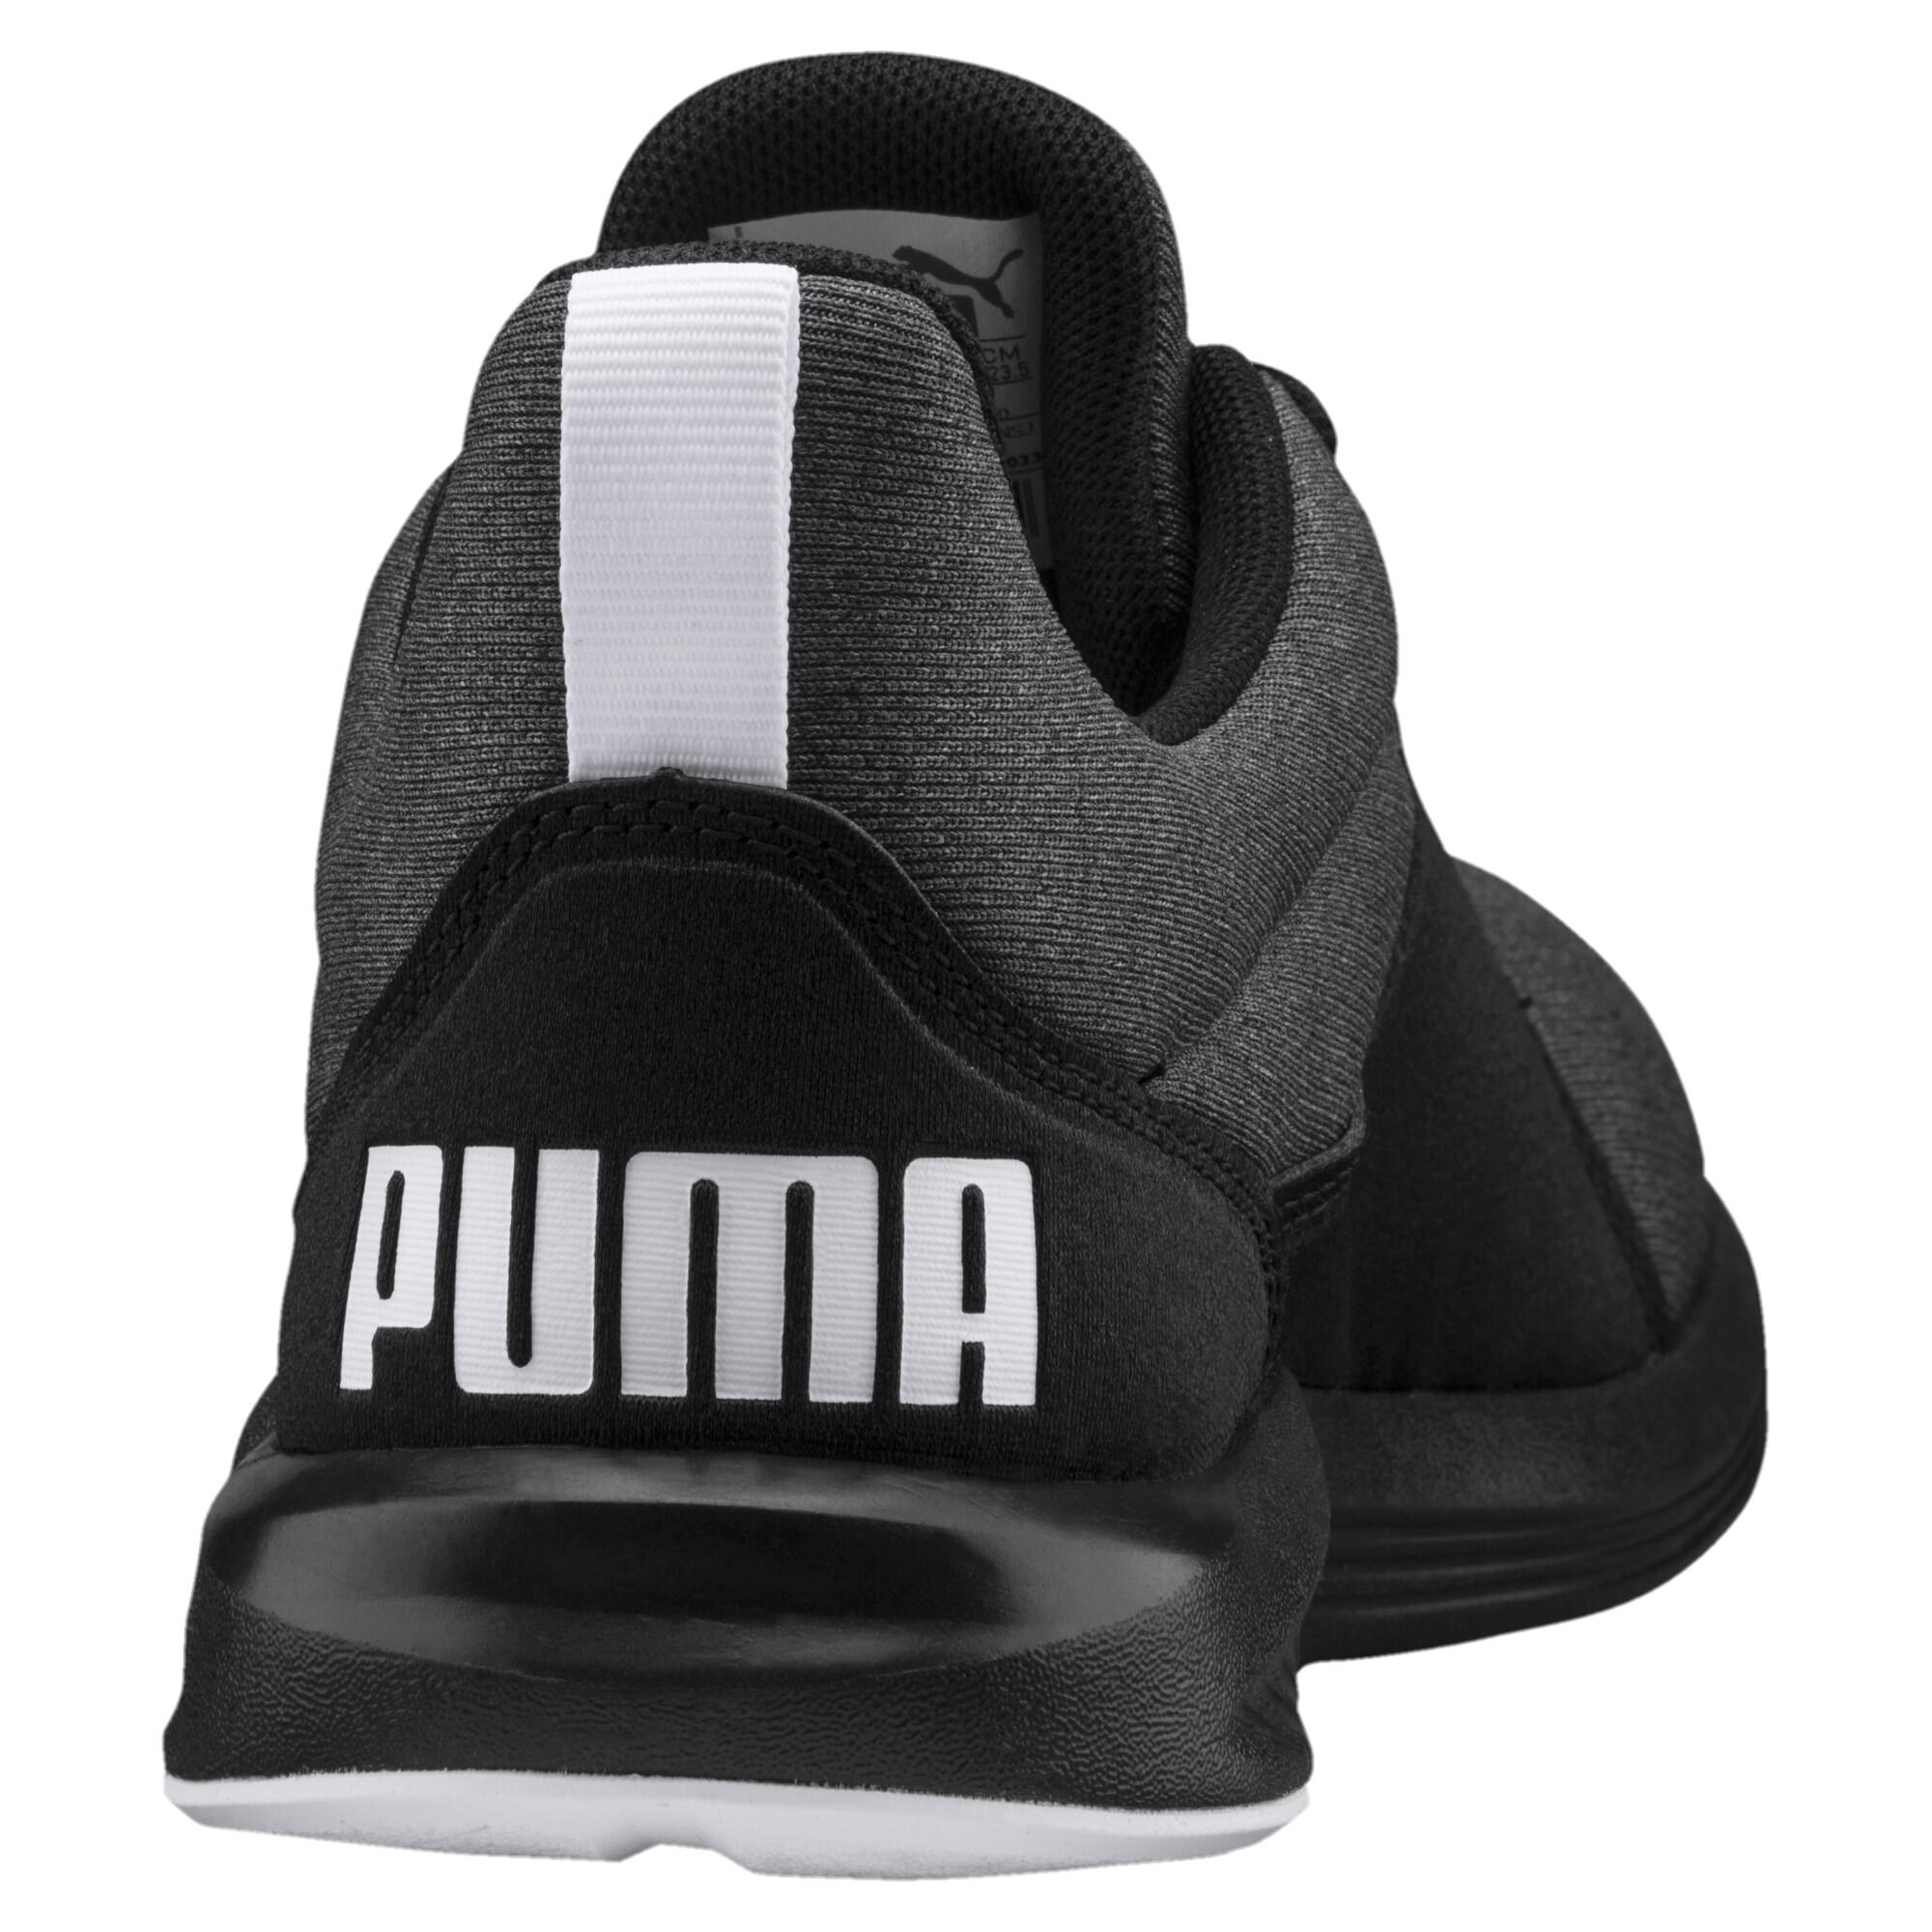 Image Puma Prodigy Women's Training Shoes #4